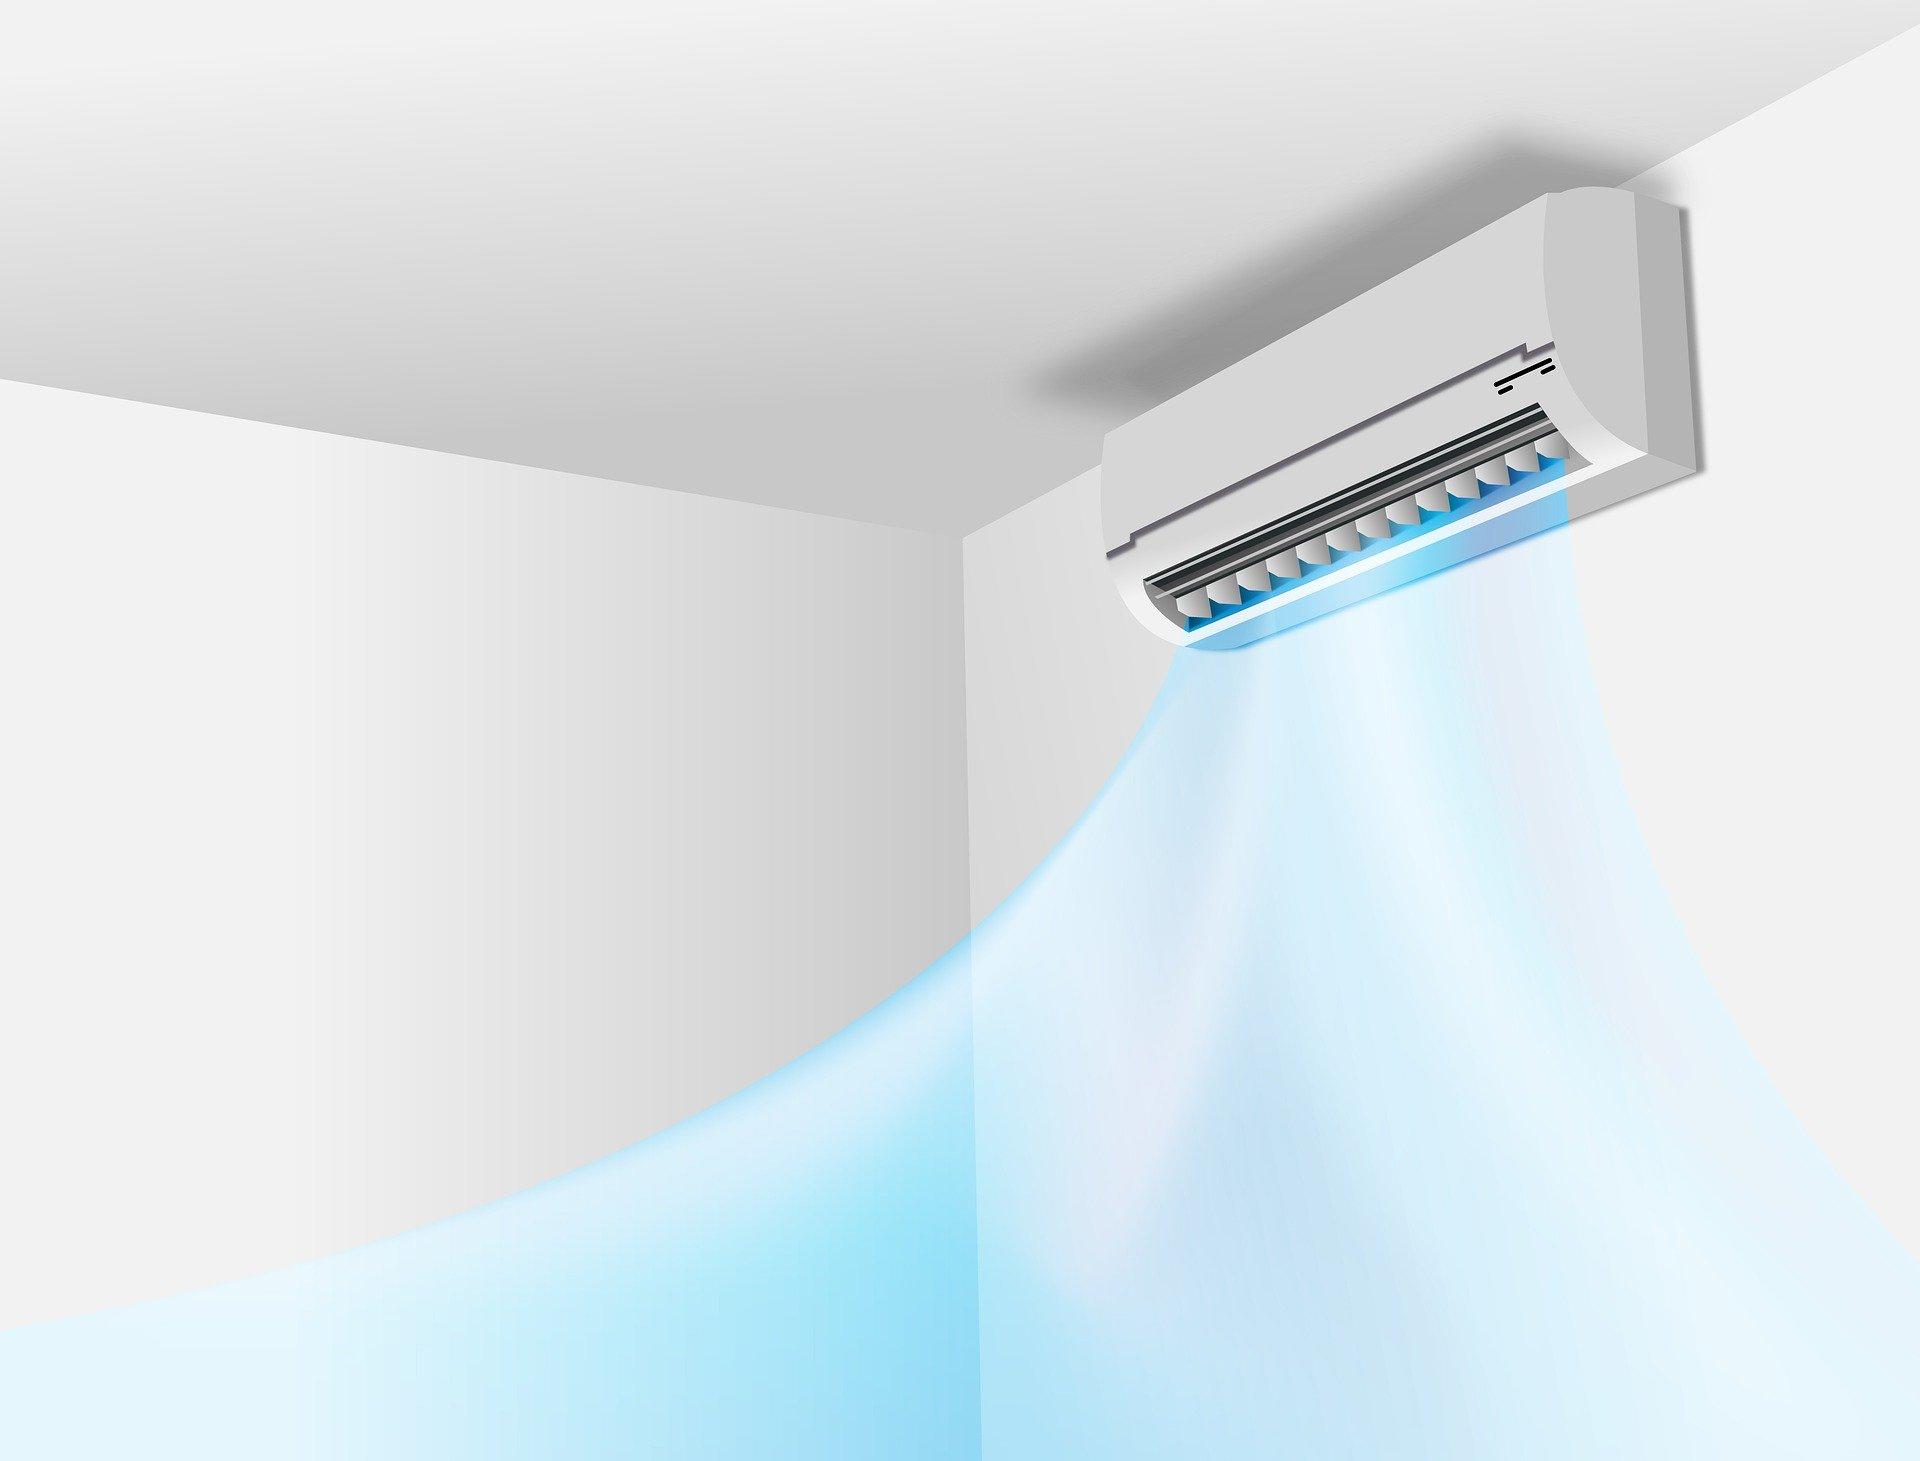 jak funguje klimatizace